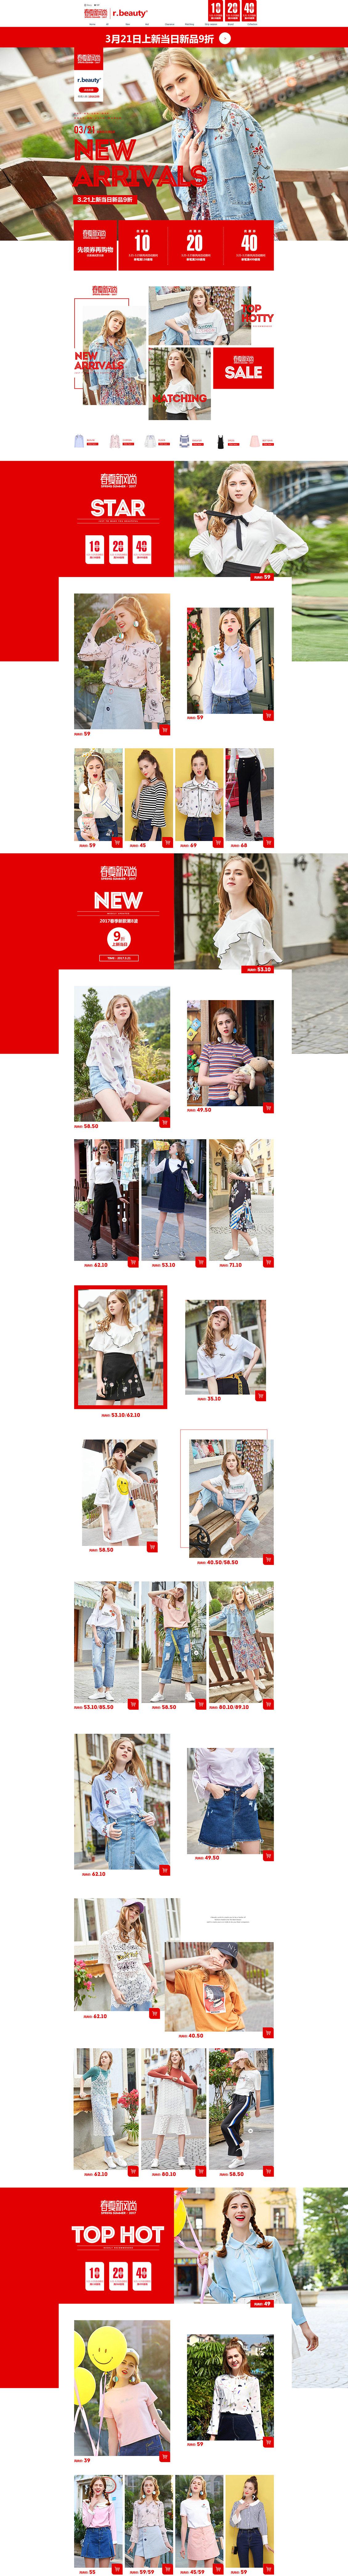 rbeauty 女裝服飾 天貓春夏新風尚 春天春季 天貓首頁活動專題頁面設計